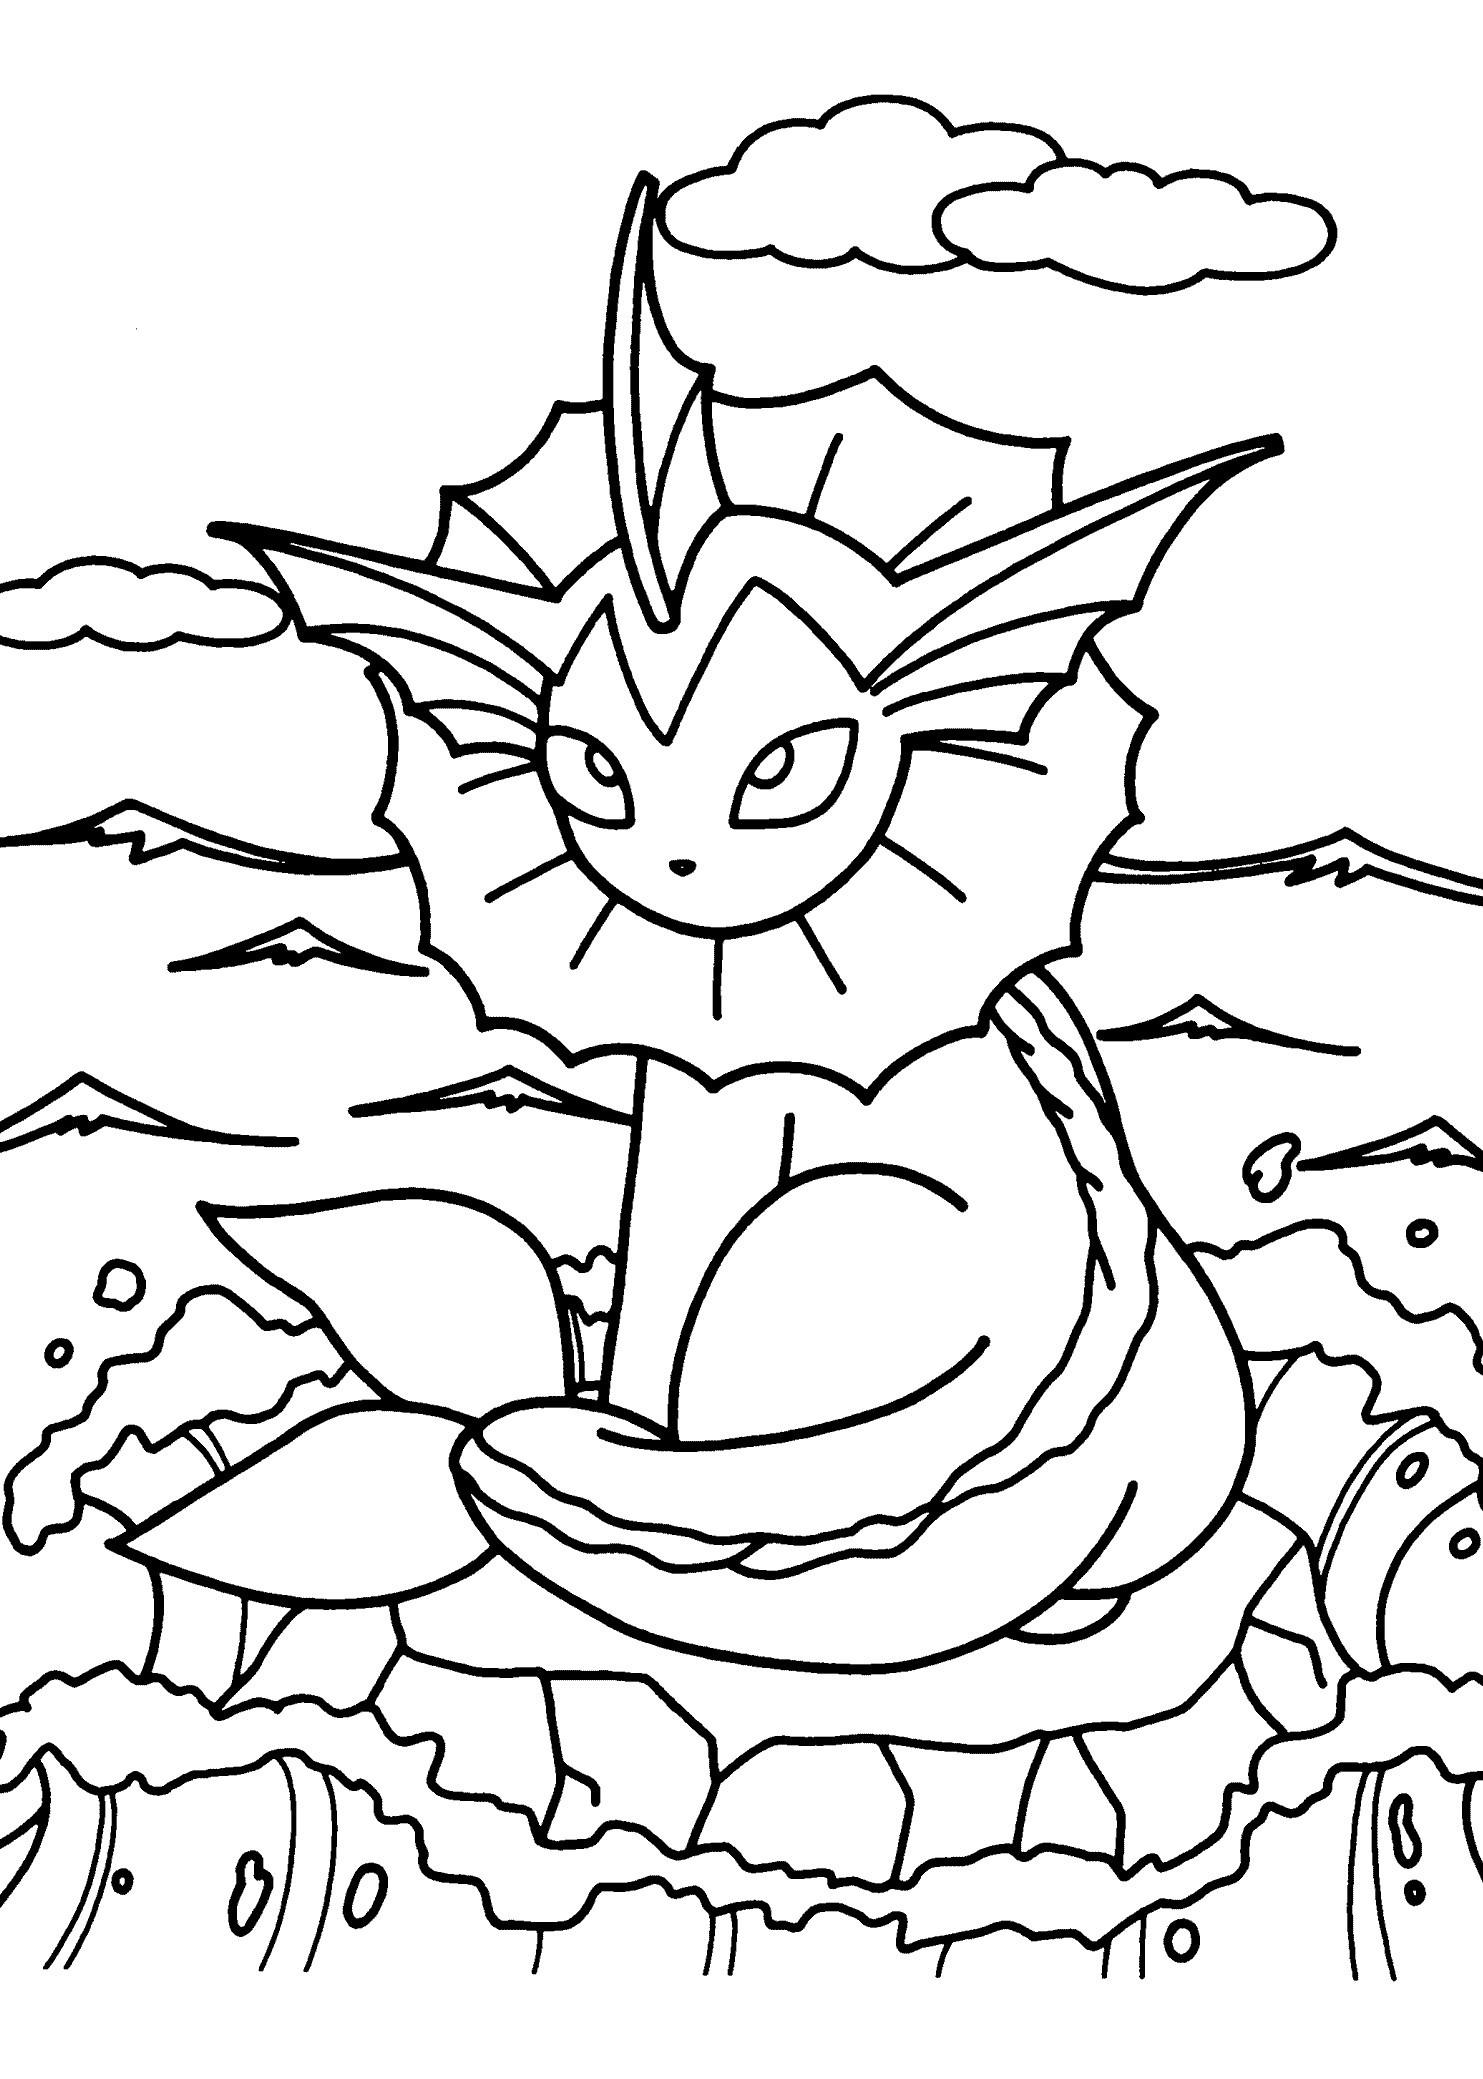 Ausmalbilder Pokemon Glurak Das Beste Von 28 Pixelmon Coloring Pages Fotos